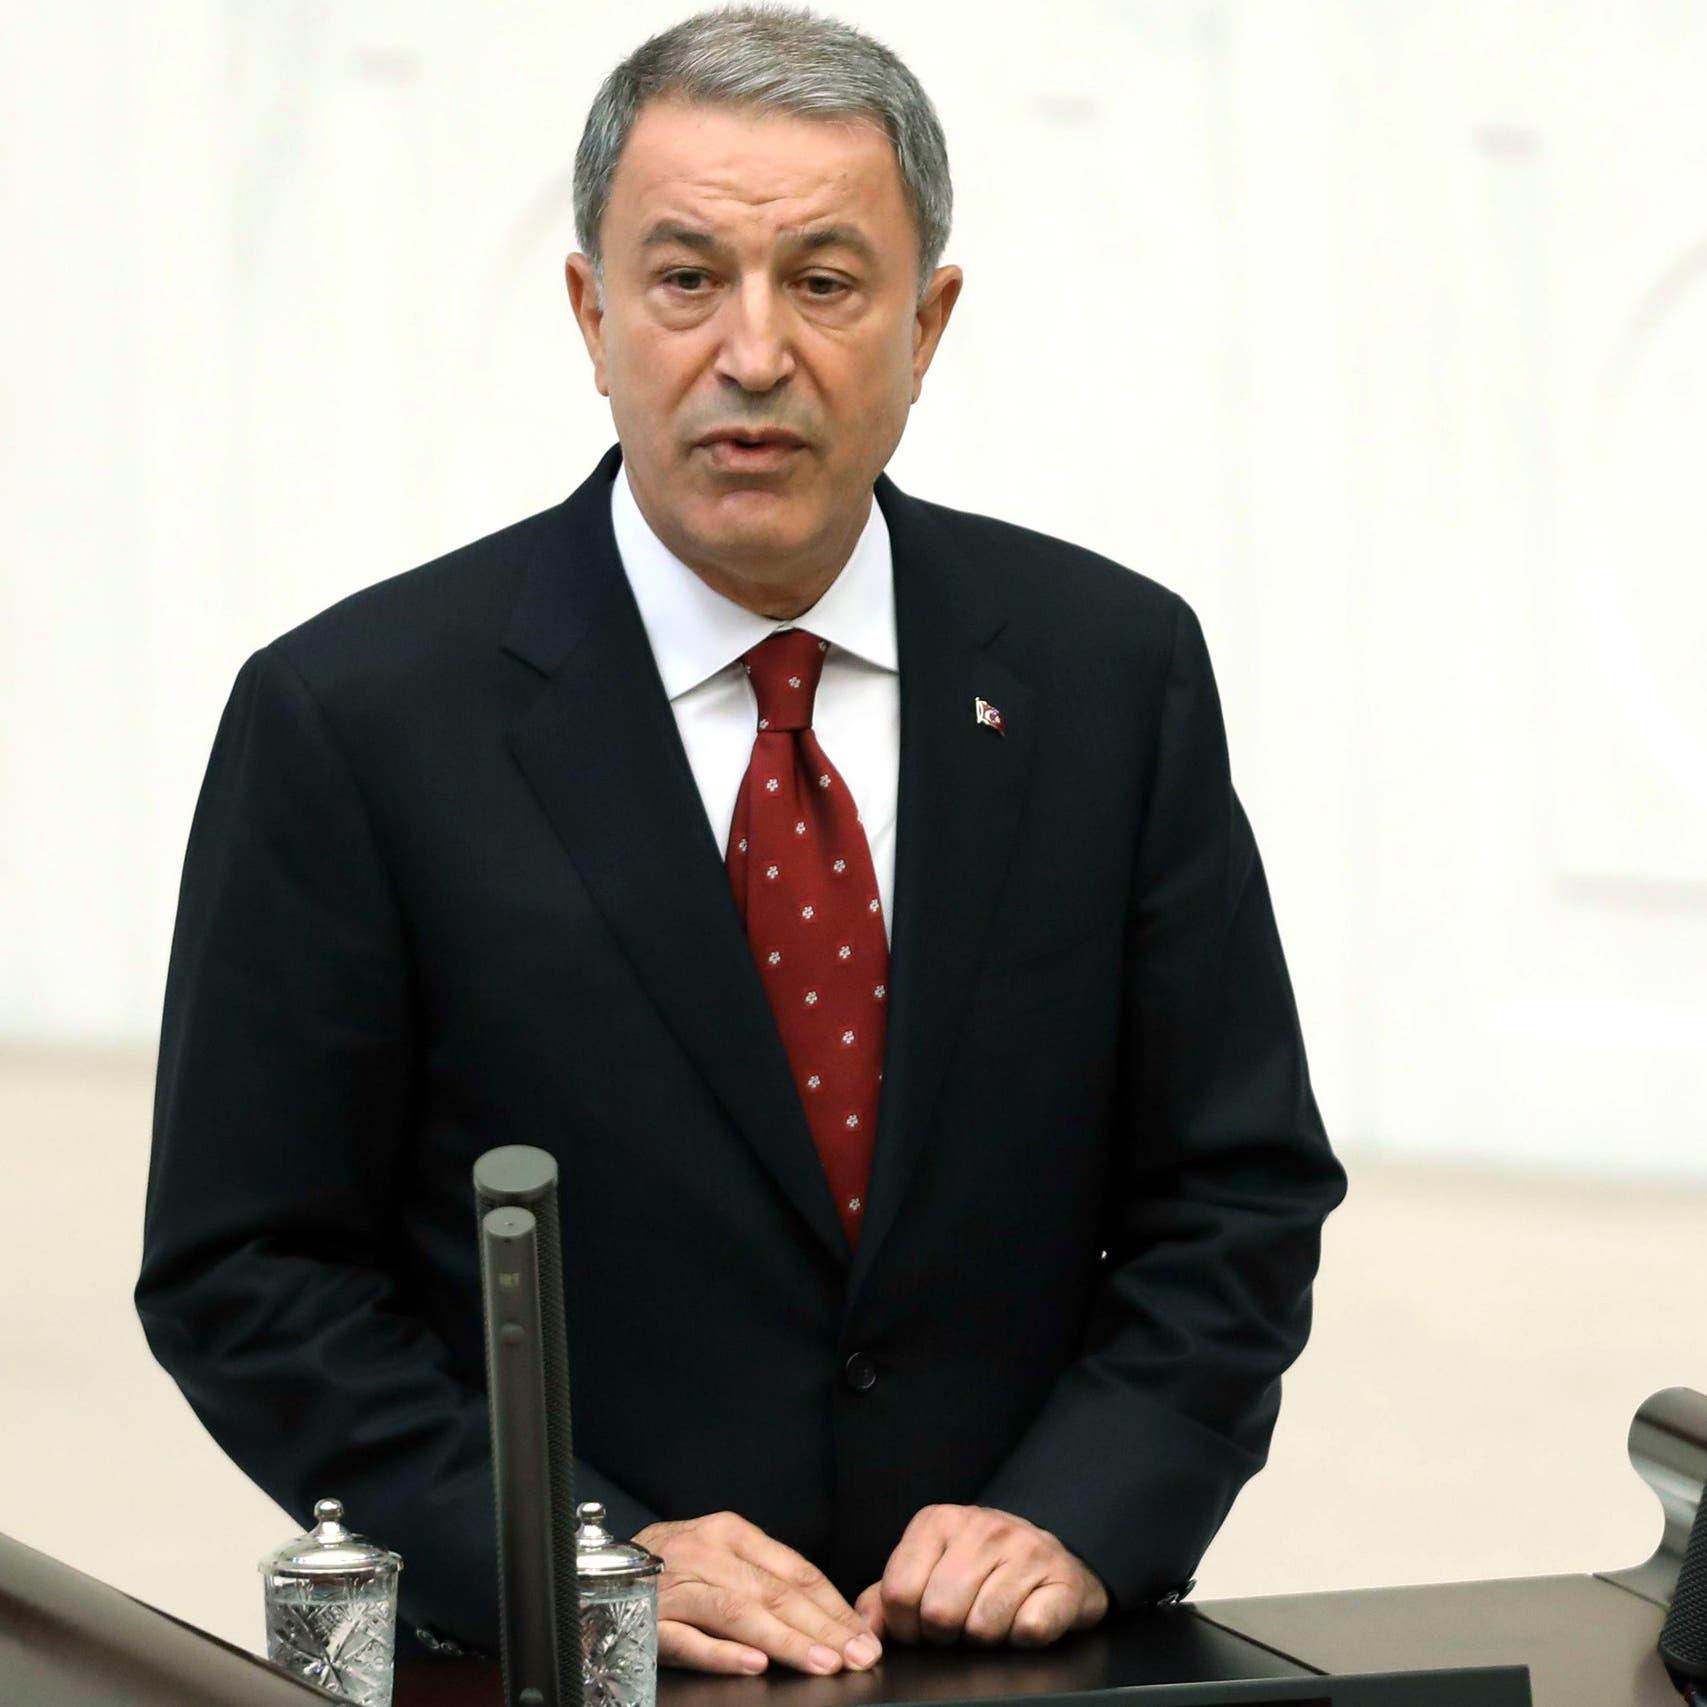 تركيا: هدفنا حاليا وقف جميع الهجمات على إدلب